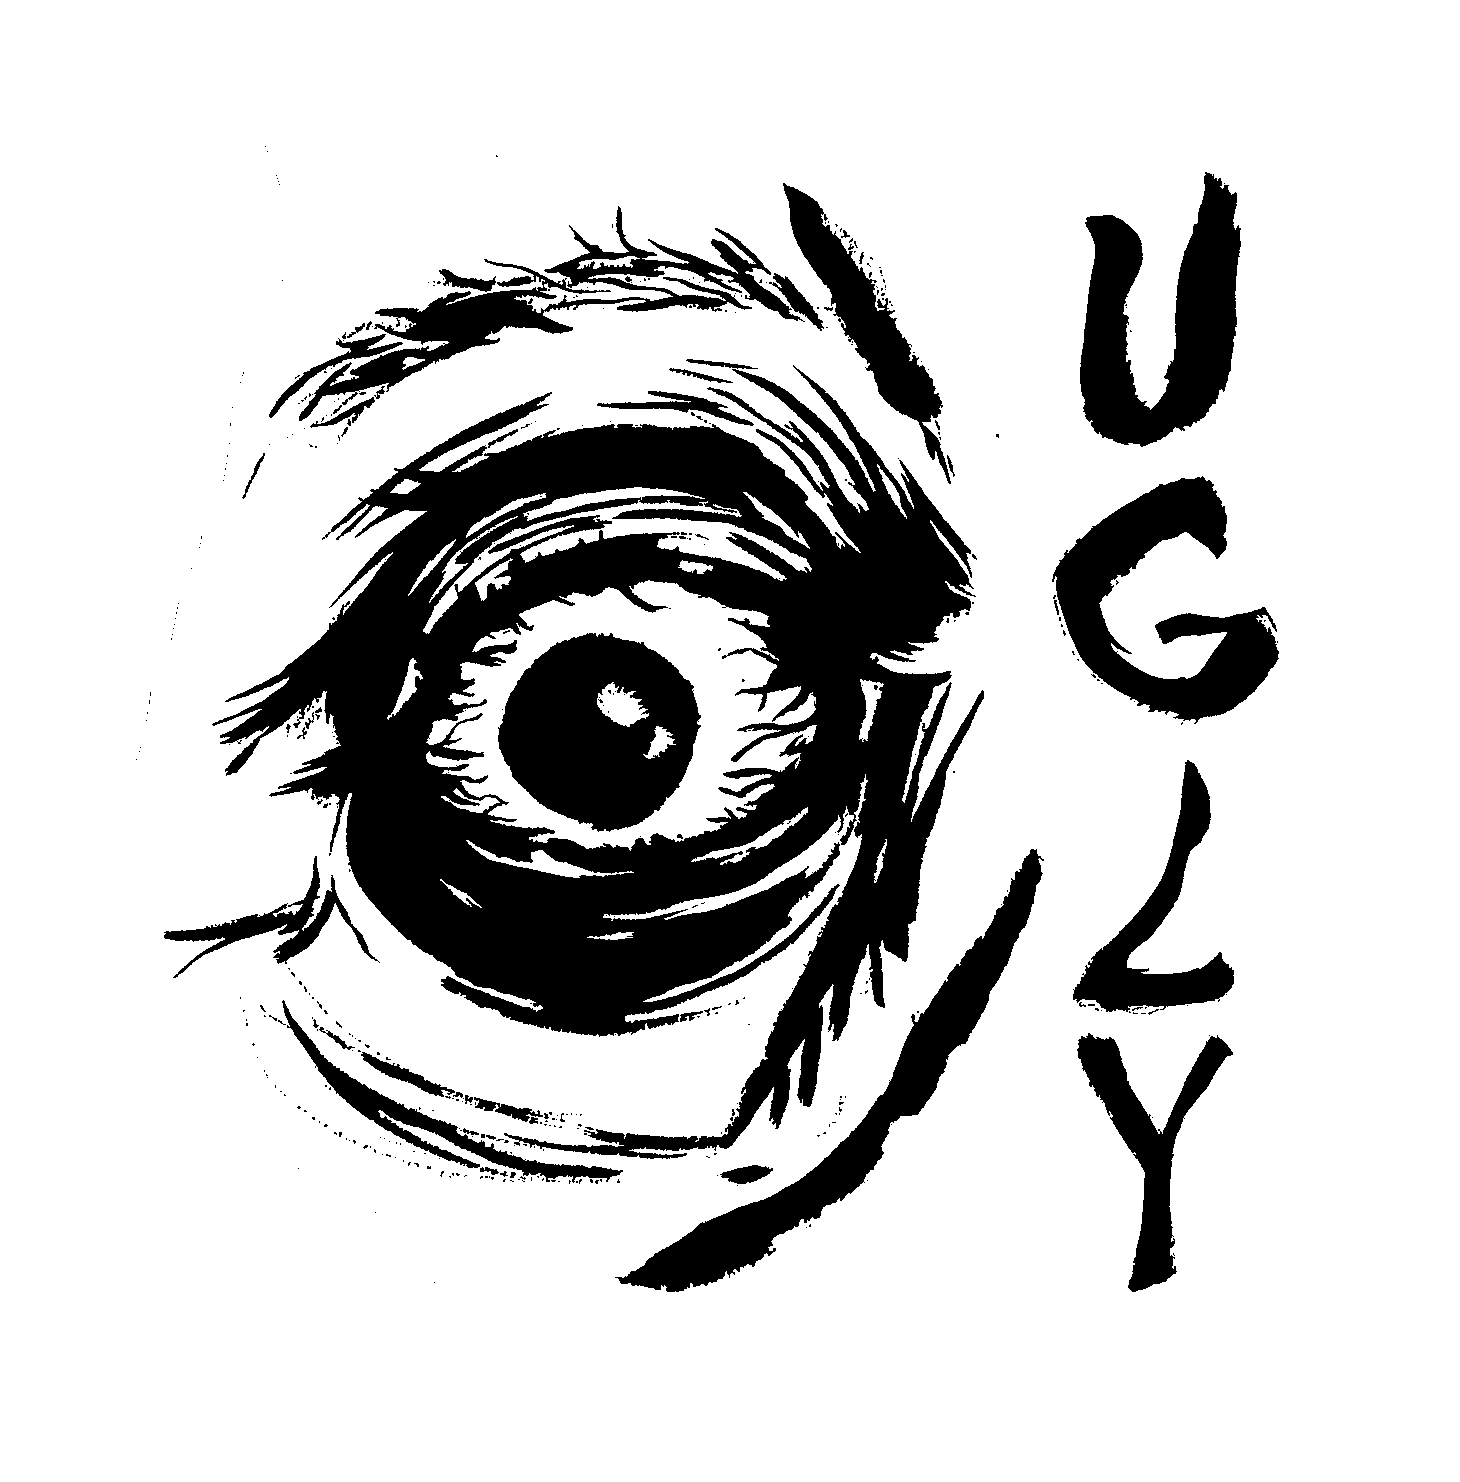 Trinidad James: UGLY NAIL$ by CHRMBYSARAH